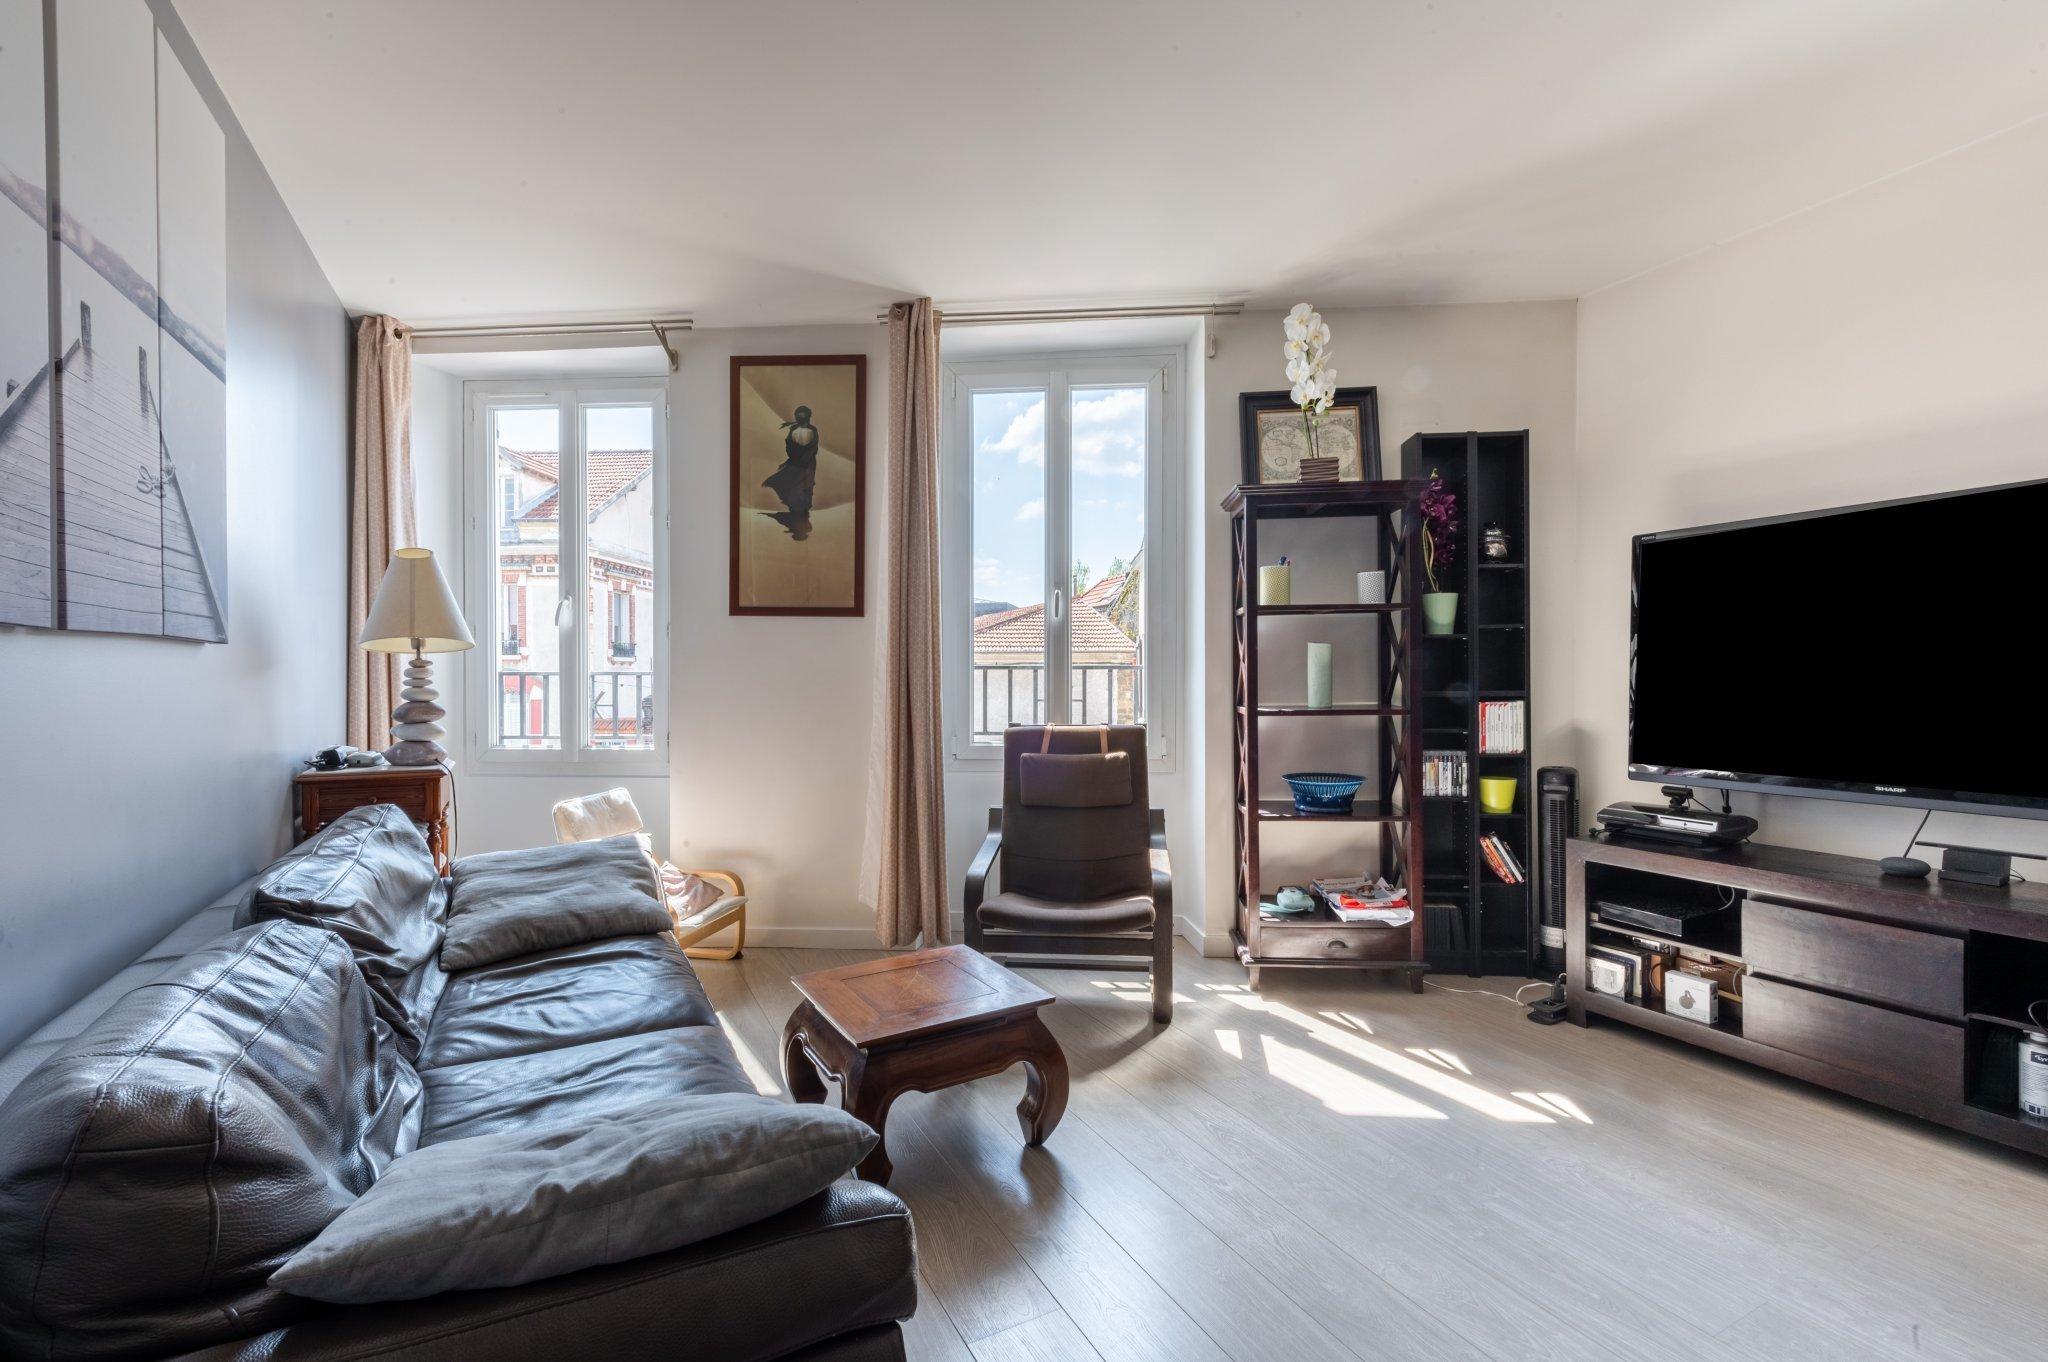 Appartement a vendre nanterre - 3 pièce(s) - 69.03 m2 - Surfyn